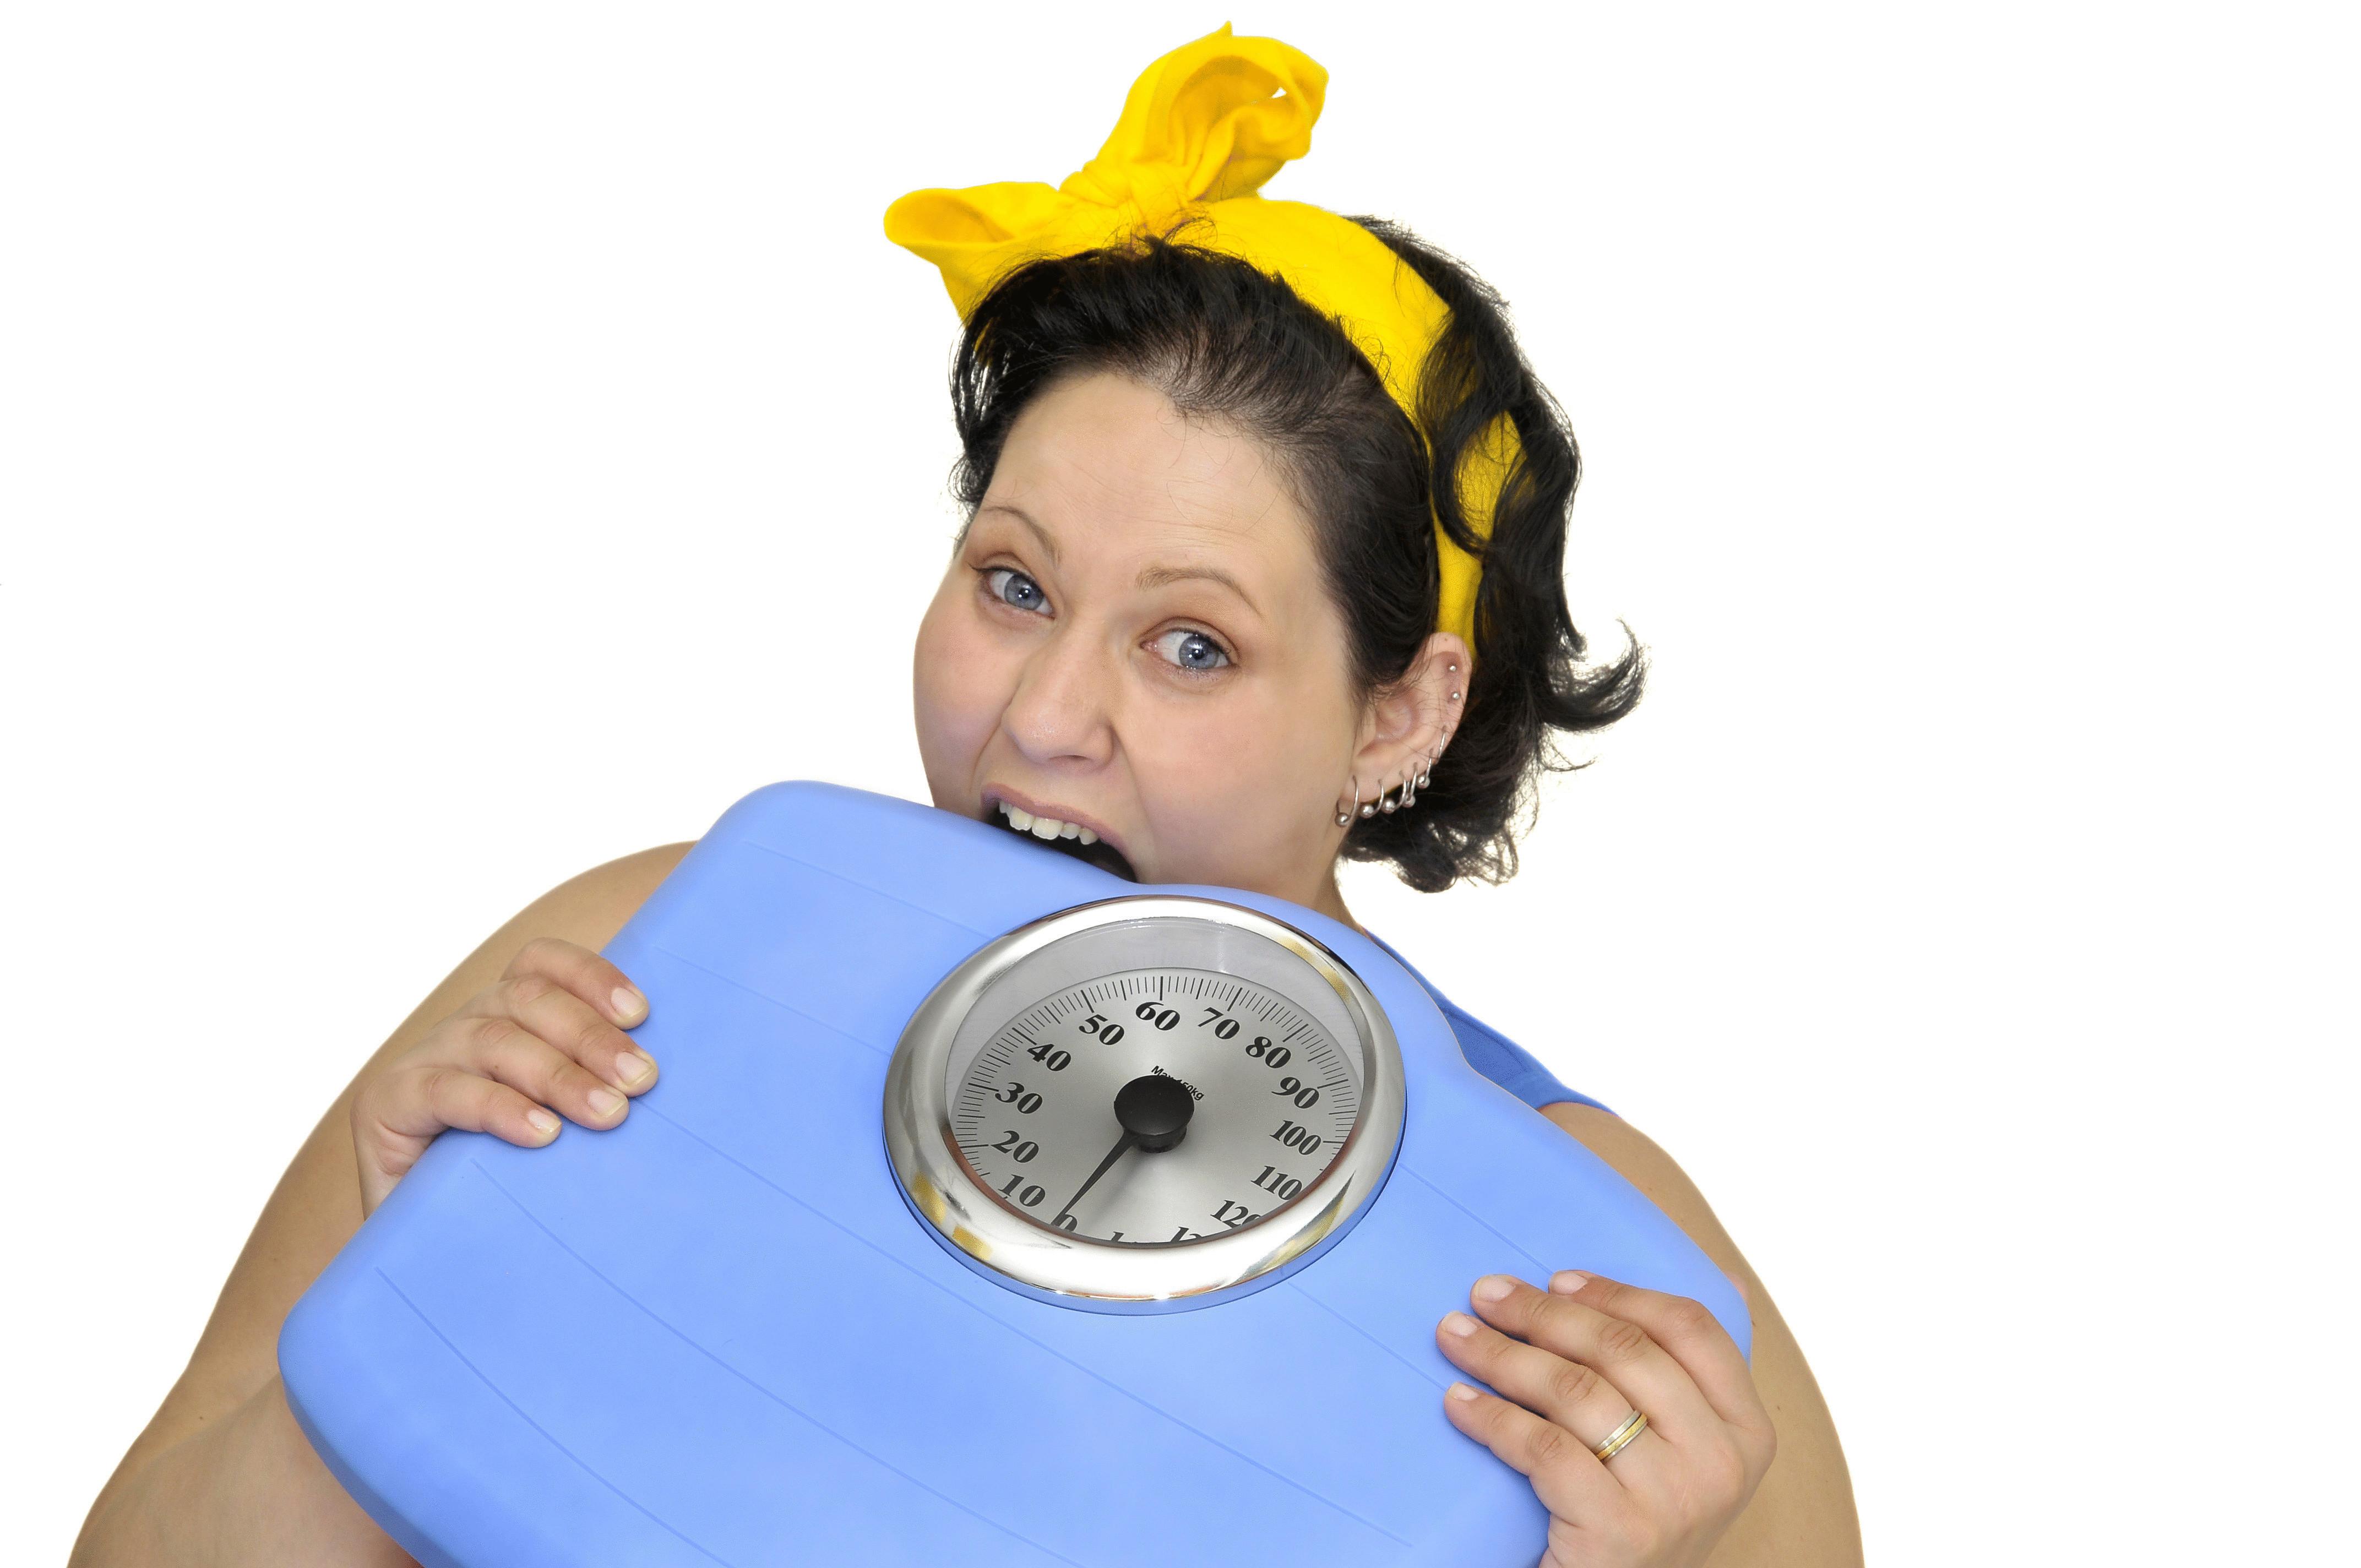 как похудеть за час на 3 кг